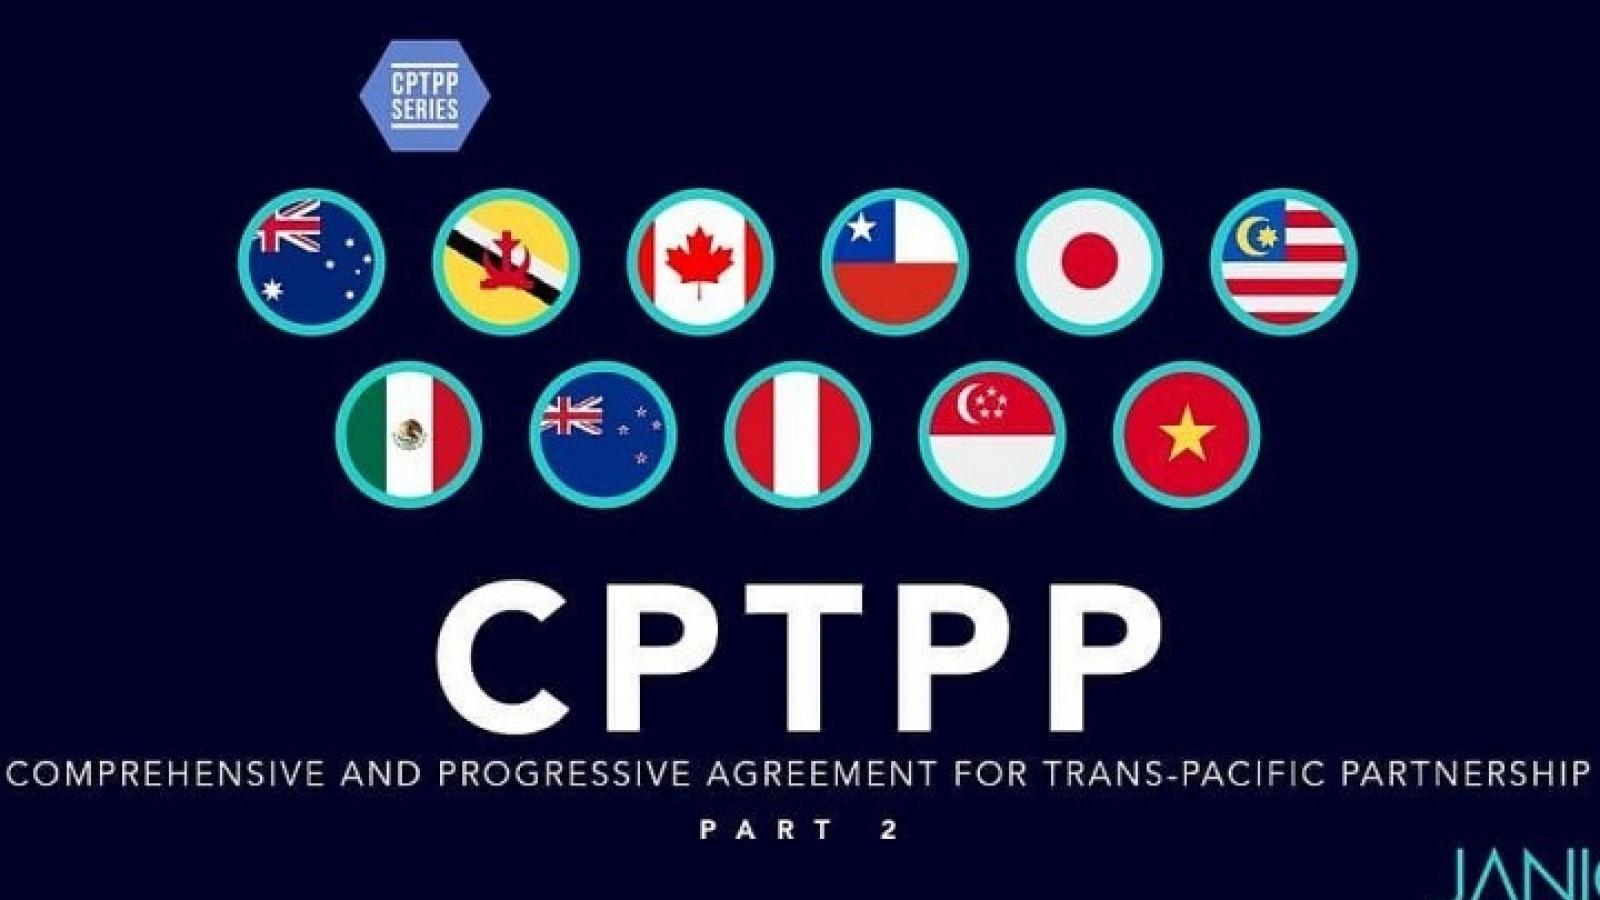 Đài Loan (Trung Quốc) chính thức nộp đơn xin gia nhập Hiệp định thương mại CPTPP